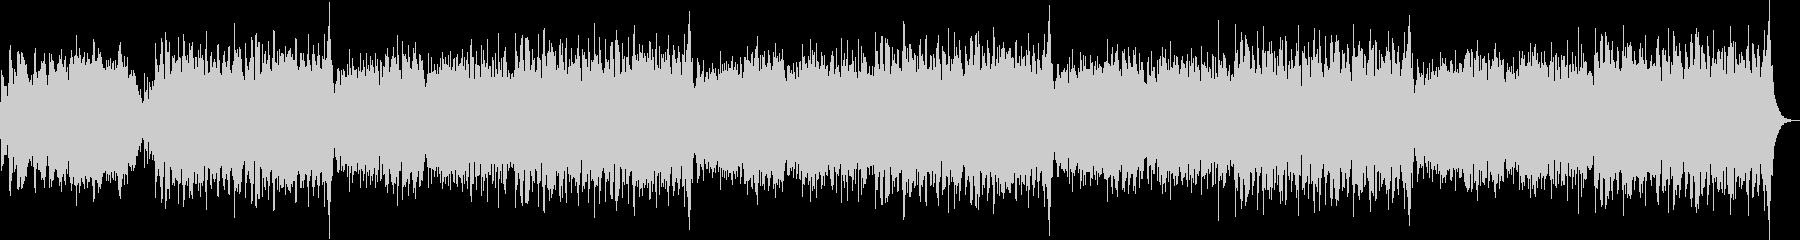 ドンキホーテのキトリ和風アレンジの未再生の波形